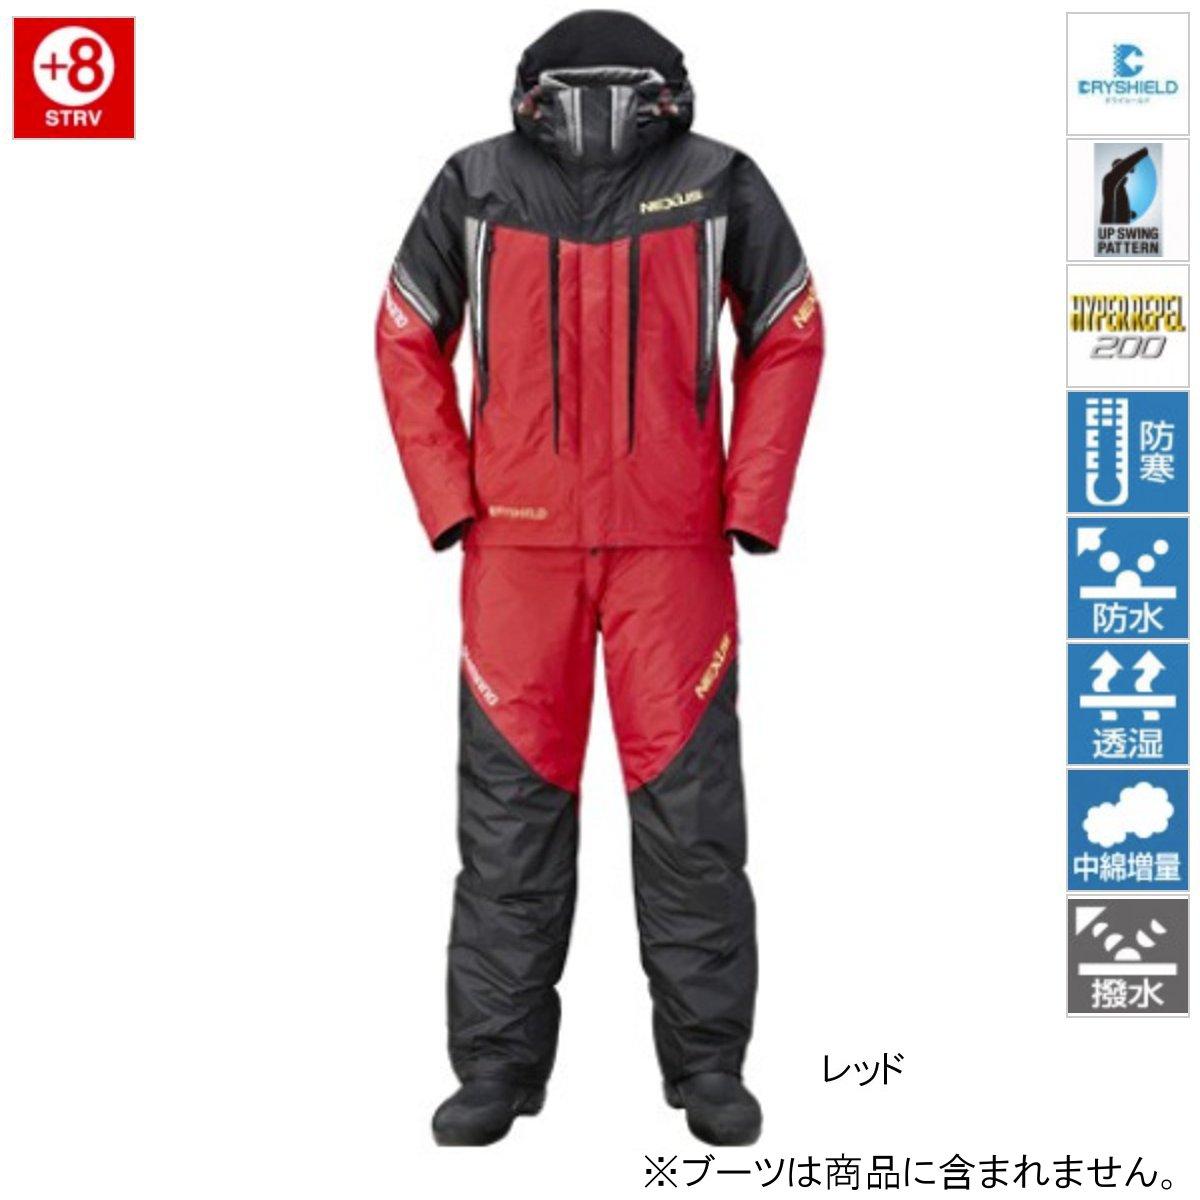 【期間限定50%OFF】シマノ スーツ RB-125Rレッド M【訳あり 売り尽し】 akafuda